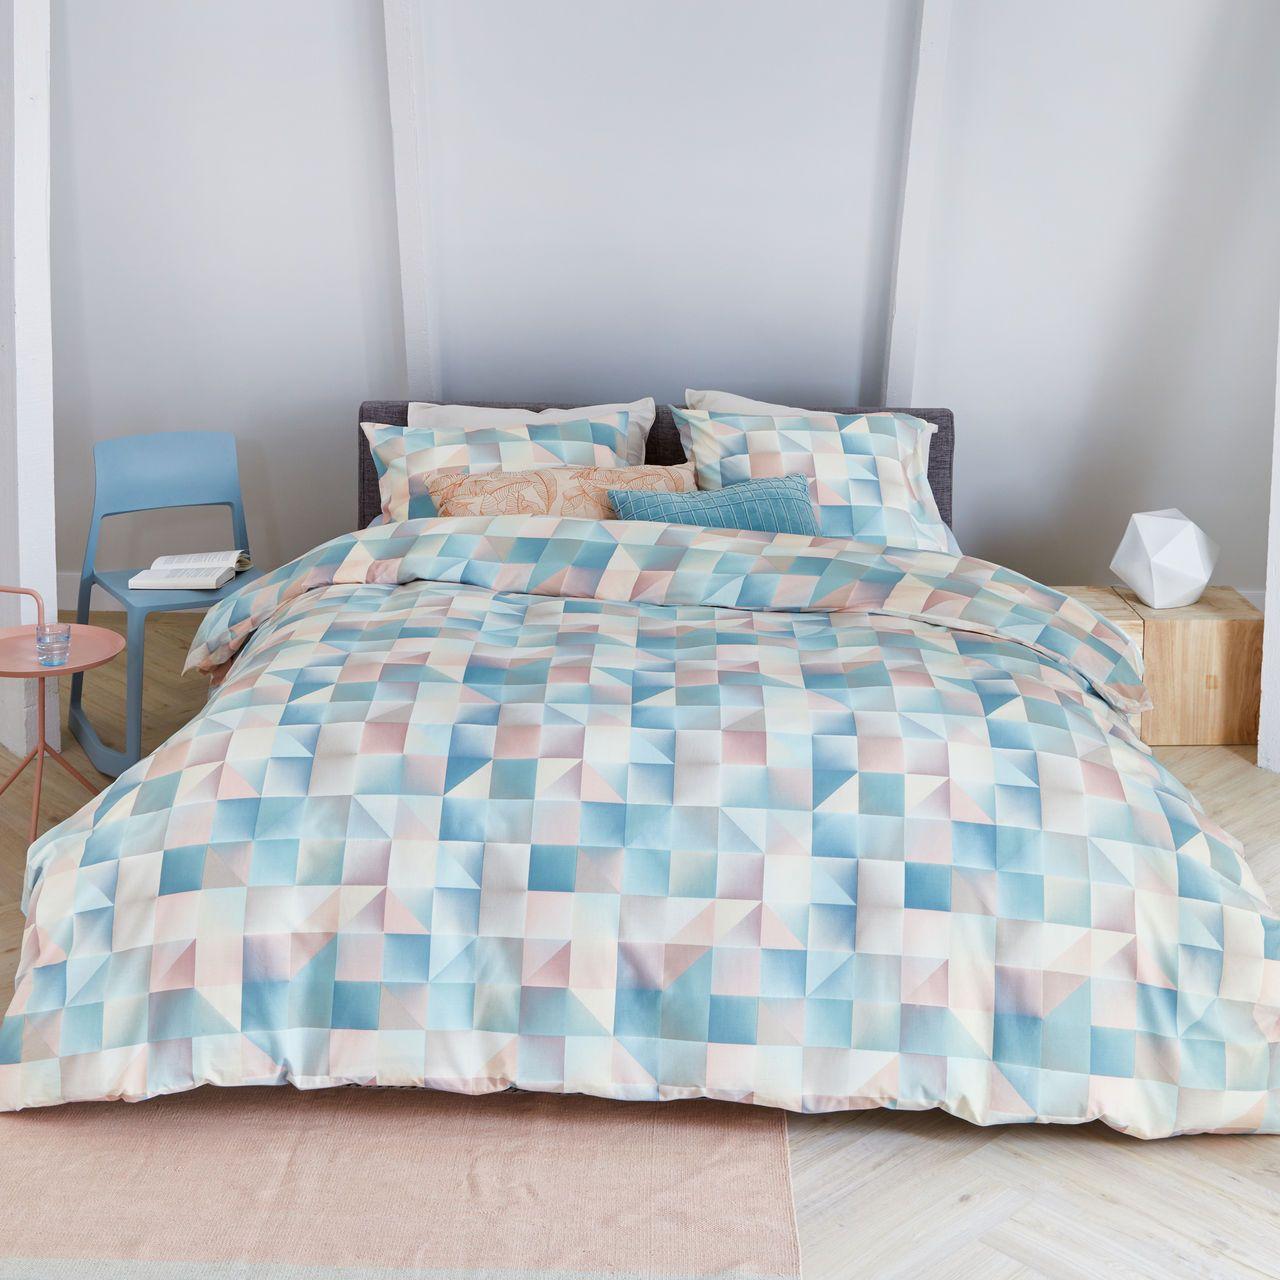 Bettwasche Aus 100 Hautfreundlicher Baumwolle Bett Ideen